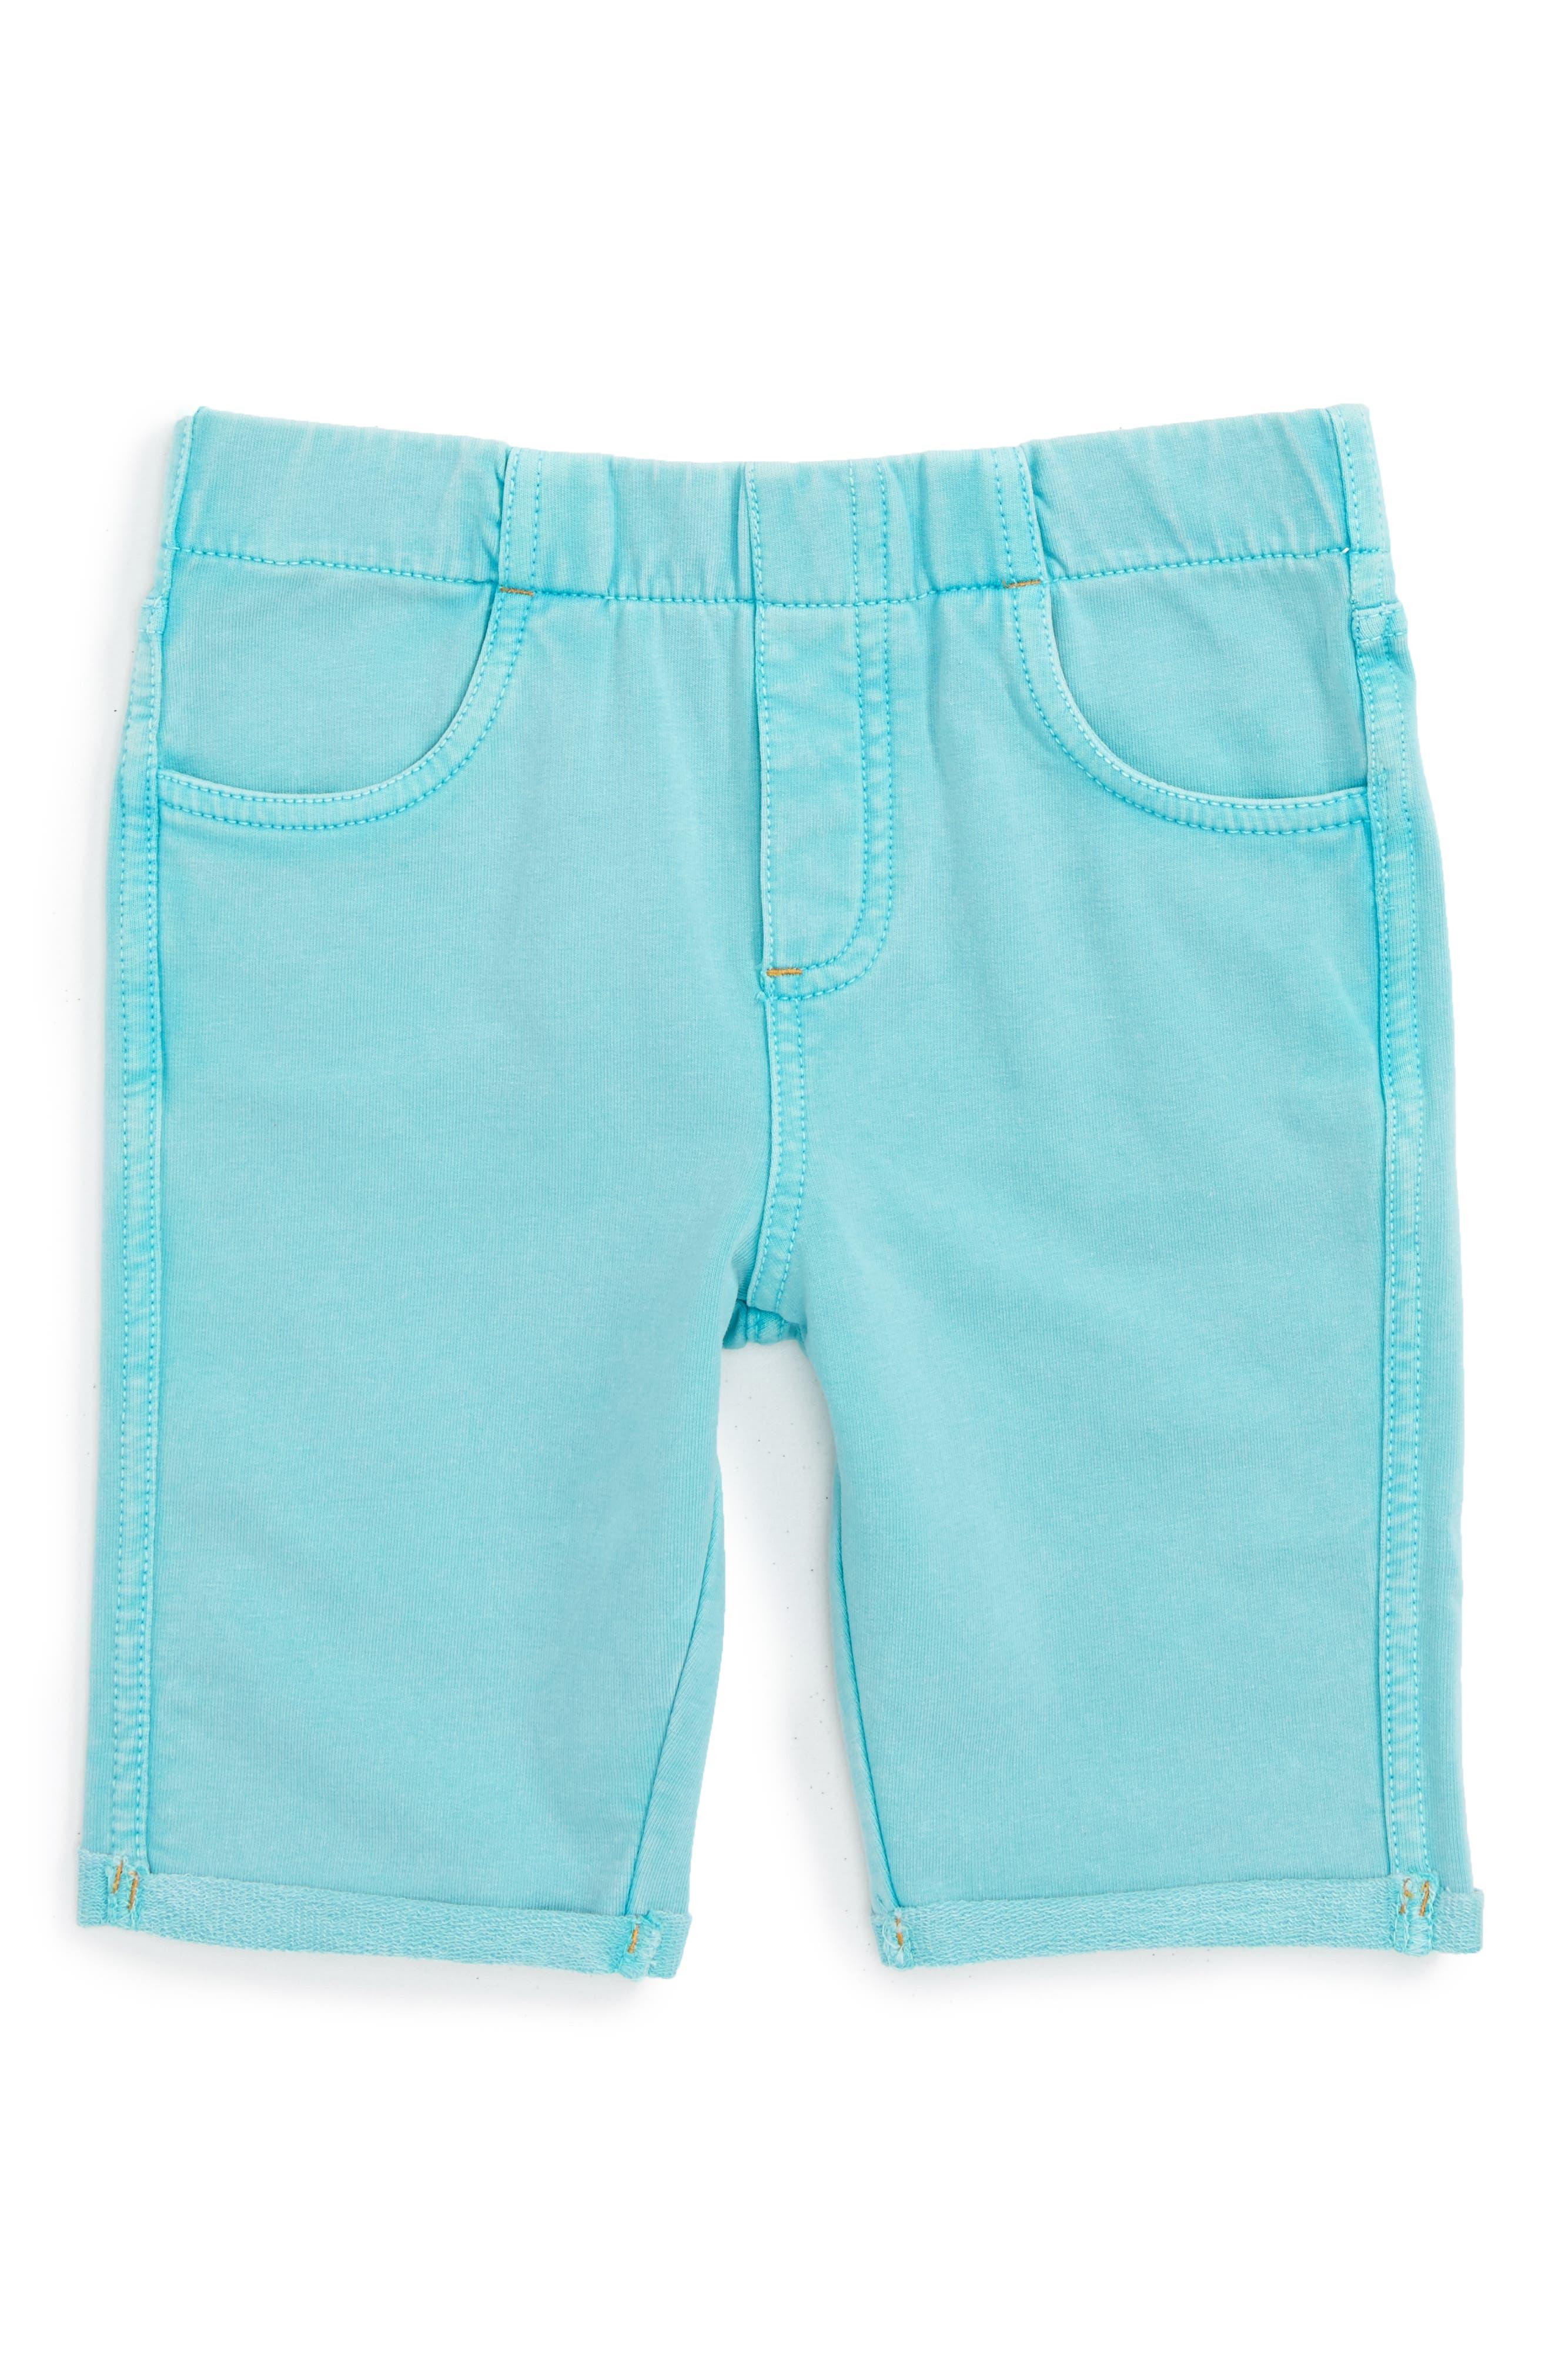 'Jenna' Jegging Shorts,                         Main,                         color, Teal Gem Wash